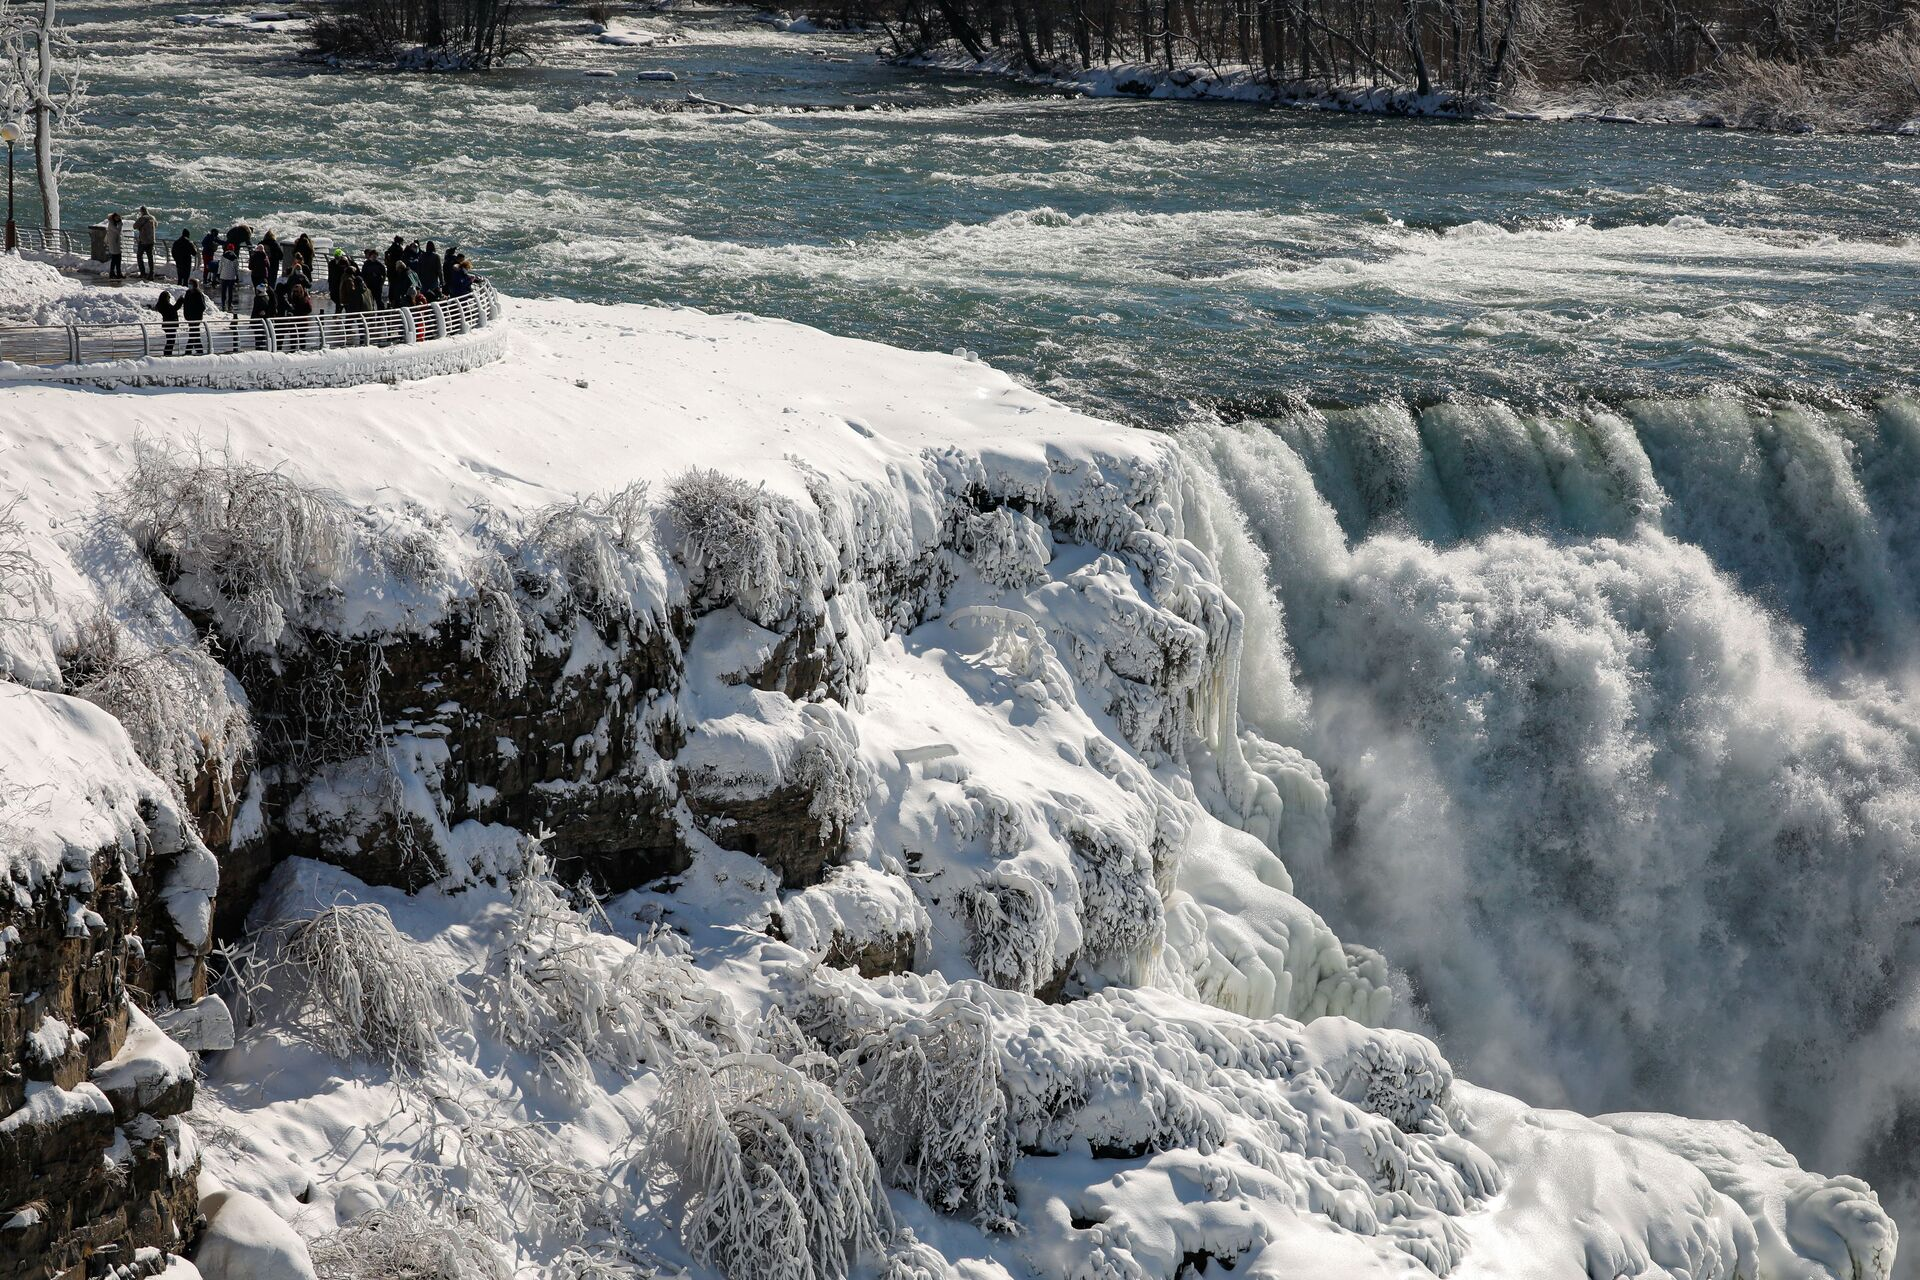 Ниагарский водопад замерз из-за холодов – фото и видео - Sputnik Беларусь, 1920, 23.02.2021